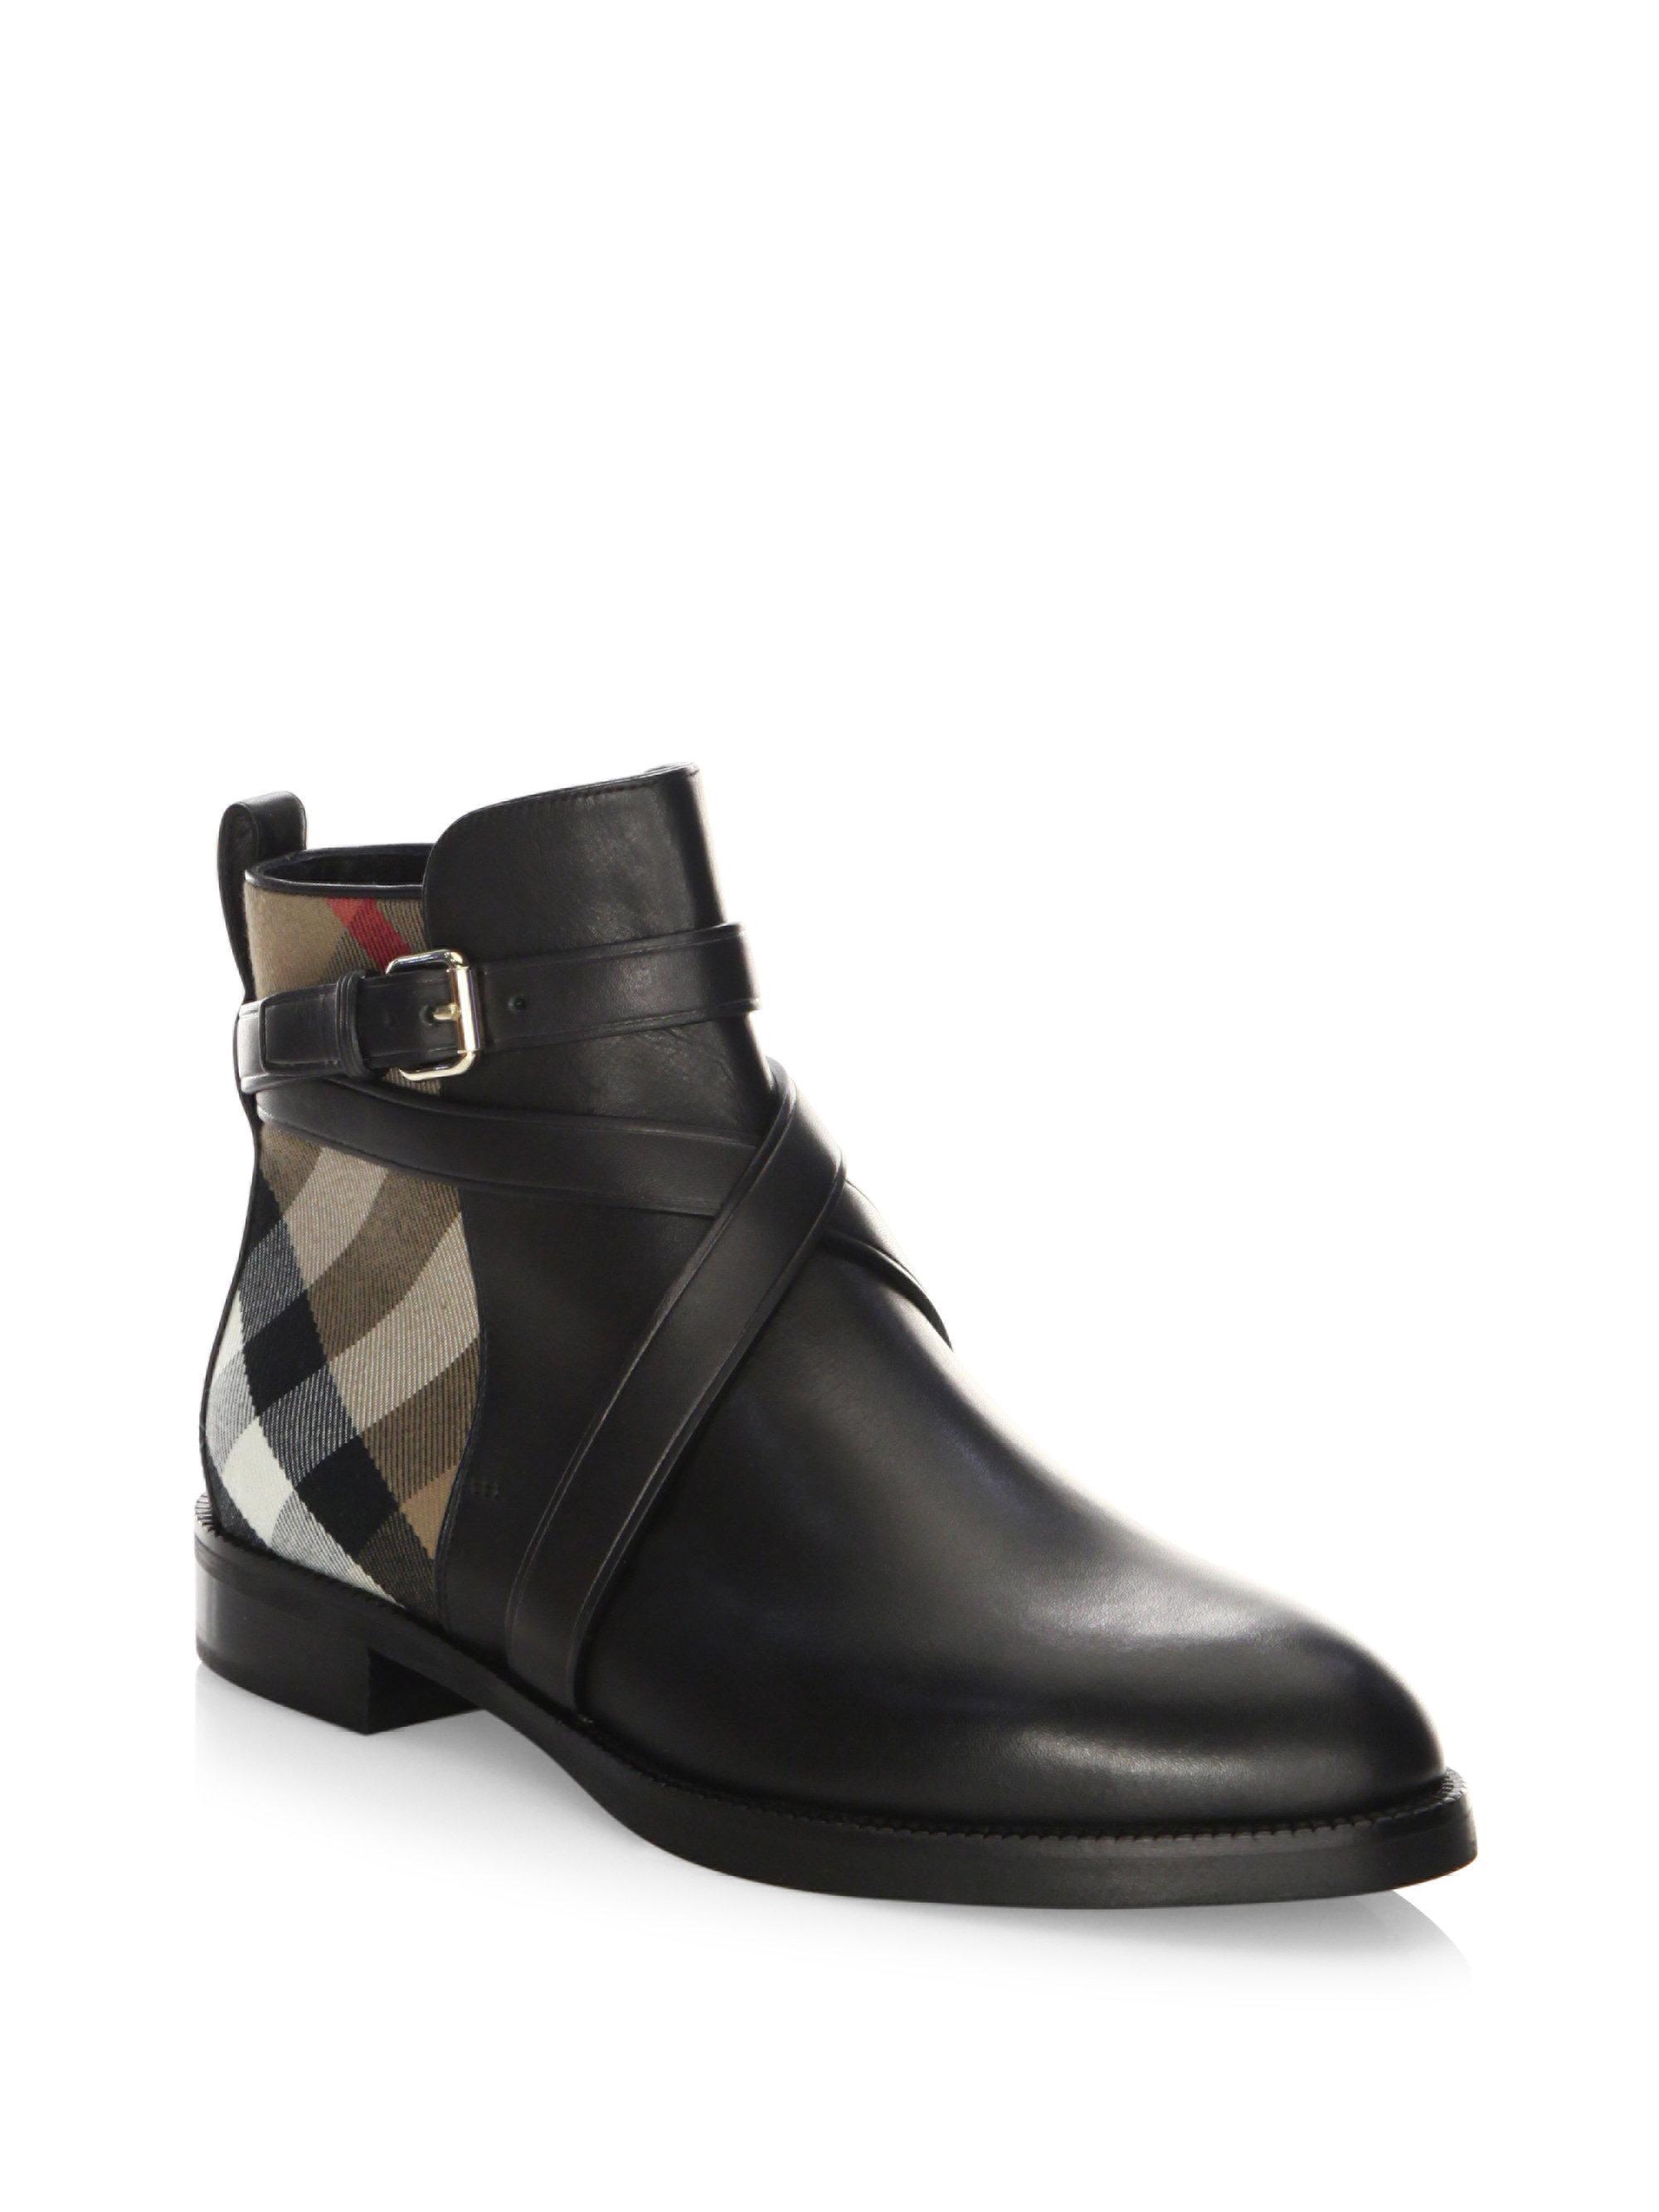 Aclaramiento Exclusiva Vaughn Flat Chelsea Boots in Black Calf Leather Burberry Sol Precio Al Por Mayor En Línea Navegar Por El Precio Barato OrAaeRQ